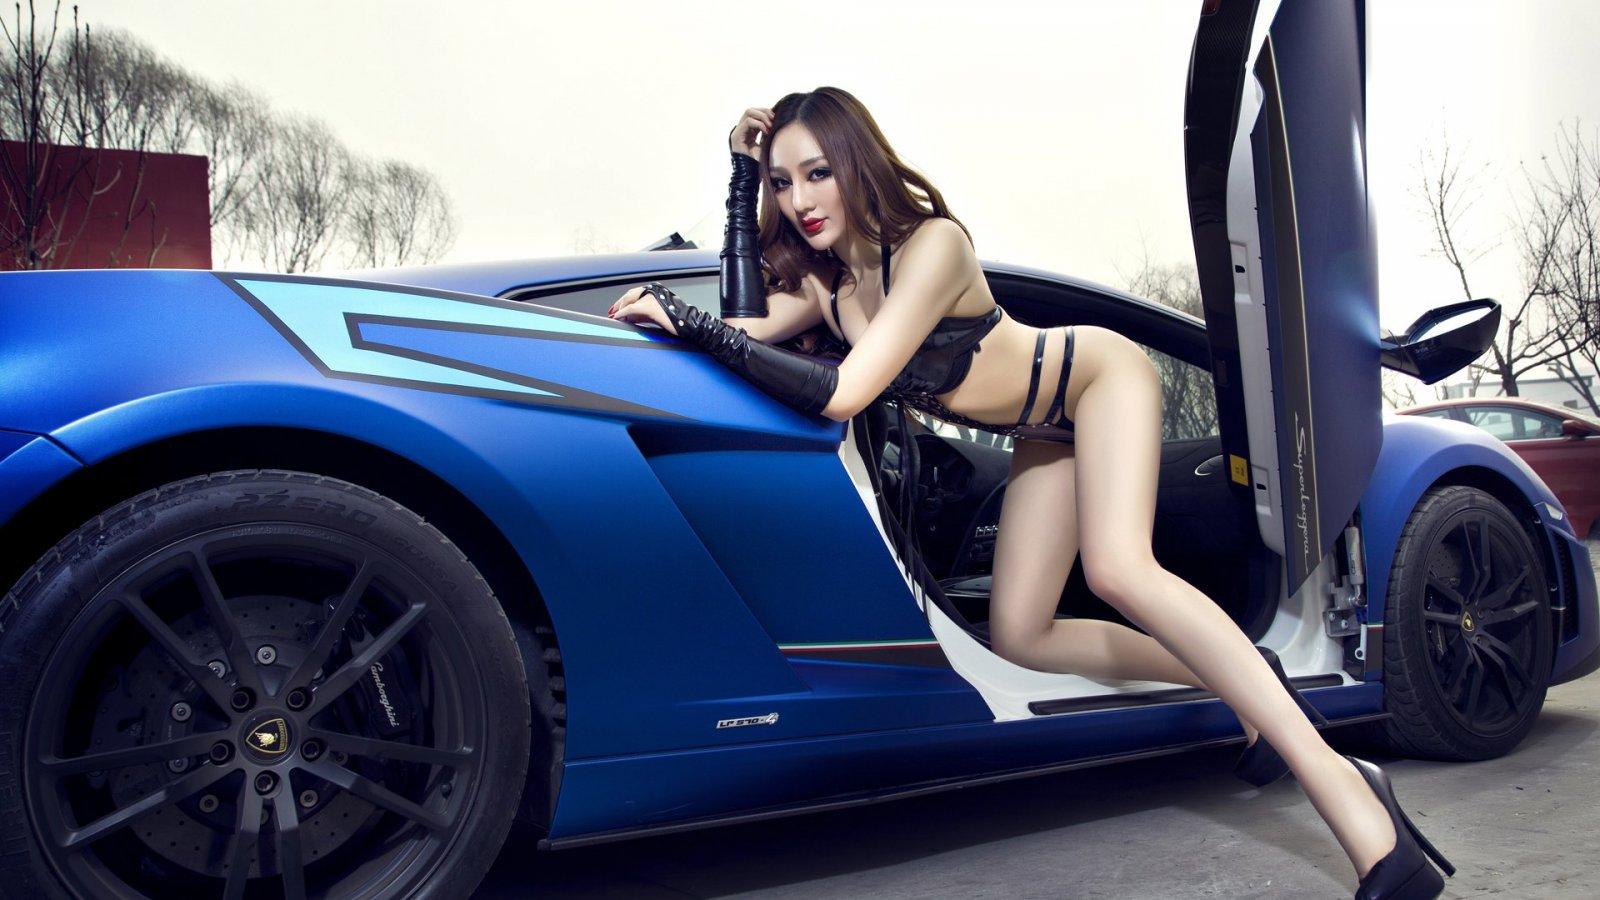 Wallpaper Mobil Keren Dan Cewek Cantik Buka Mata